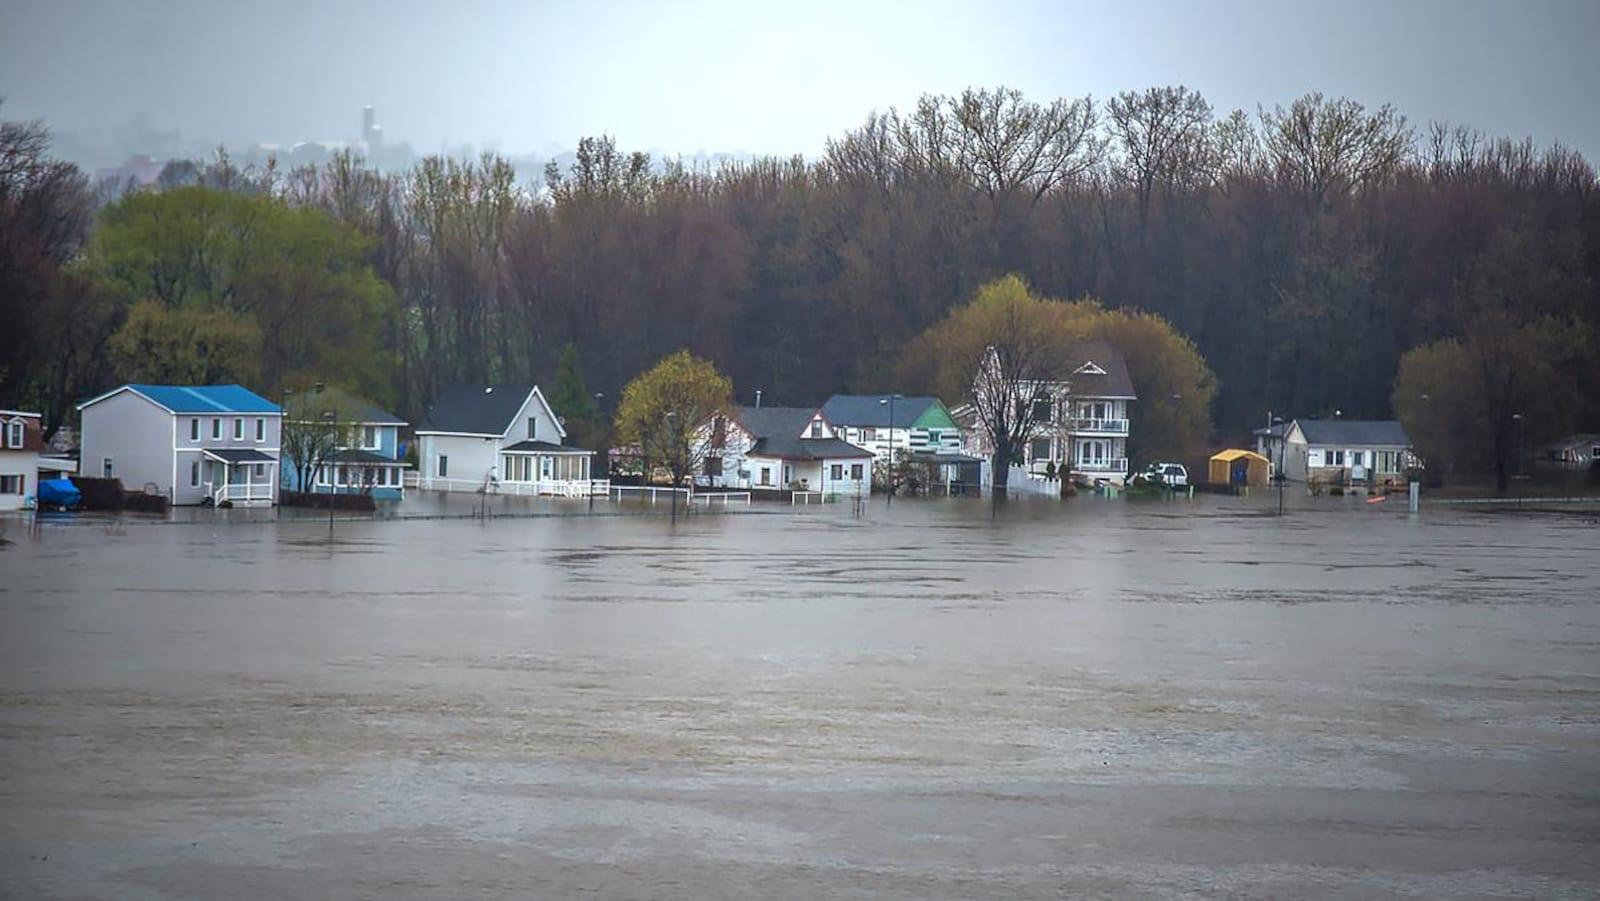 La rue Jacques-Cartier dans le secteur de Gatineau, lors des inondations de mai 2017,